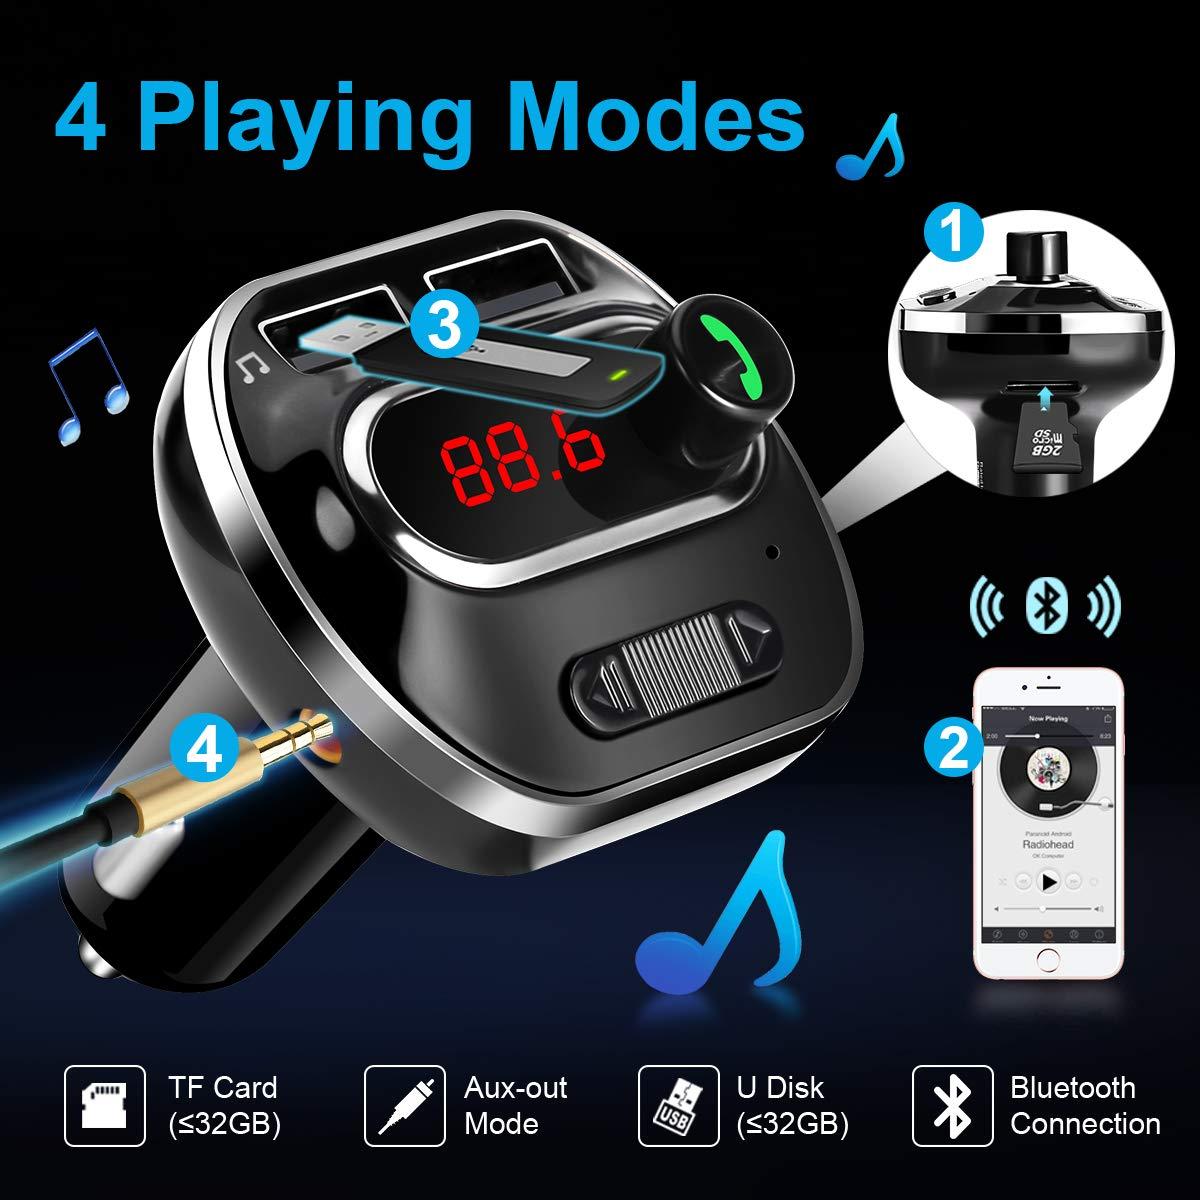 ARINO FM Trasmettitore Bluetooth da Auto Radio Wireless Adattatore Chiamate Vivavoce con Doppia Porta USB, Ingresso AUX, Display LCD, Funzione di Memoria, Scheda TF, per Iphone, Smartphone IOS / Android Colore Nero